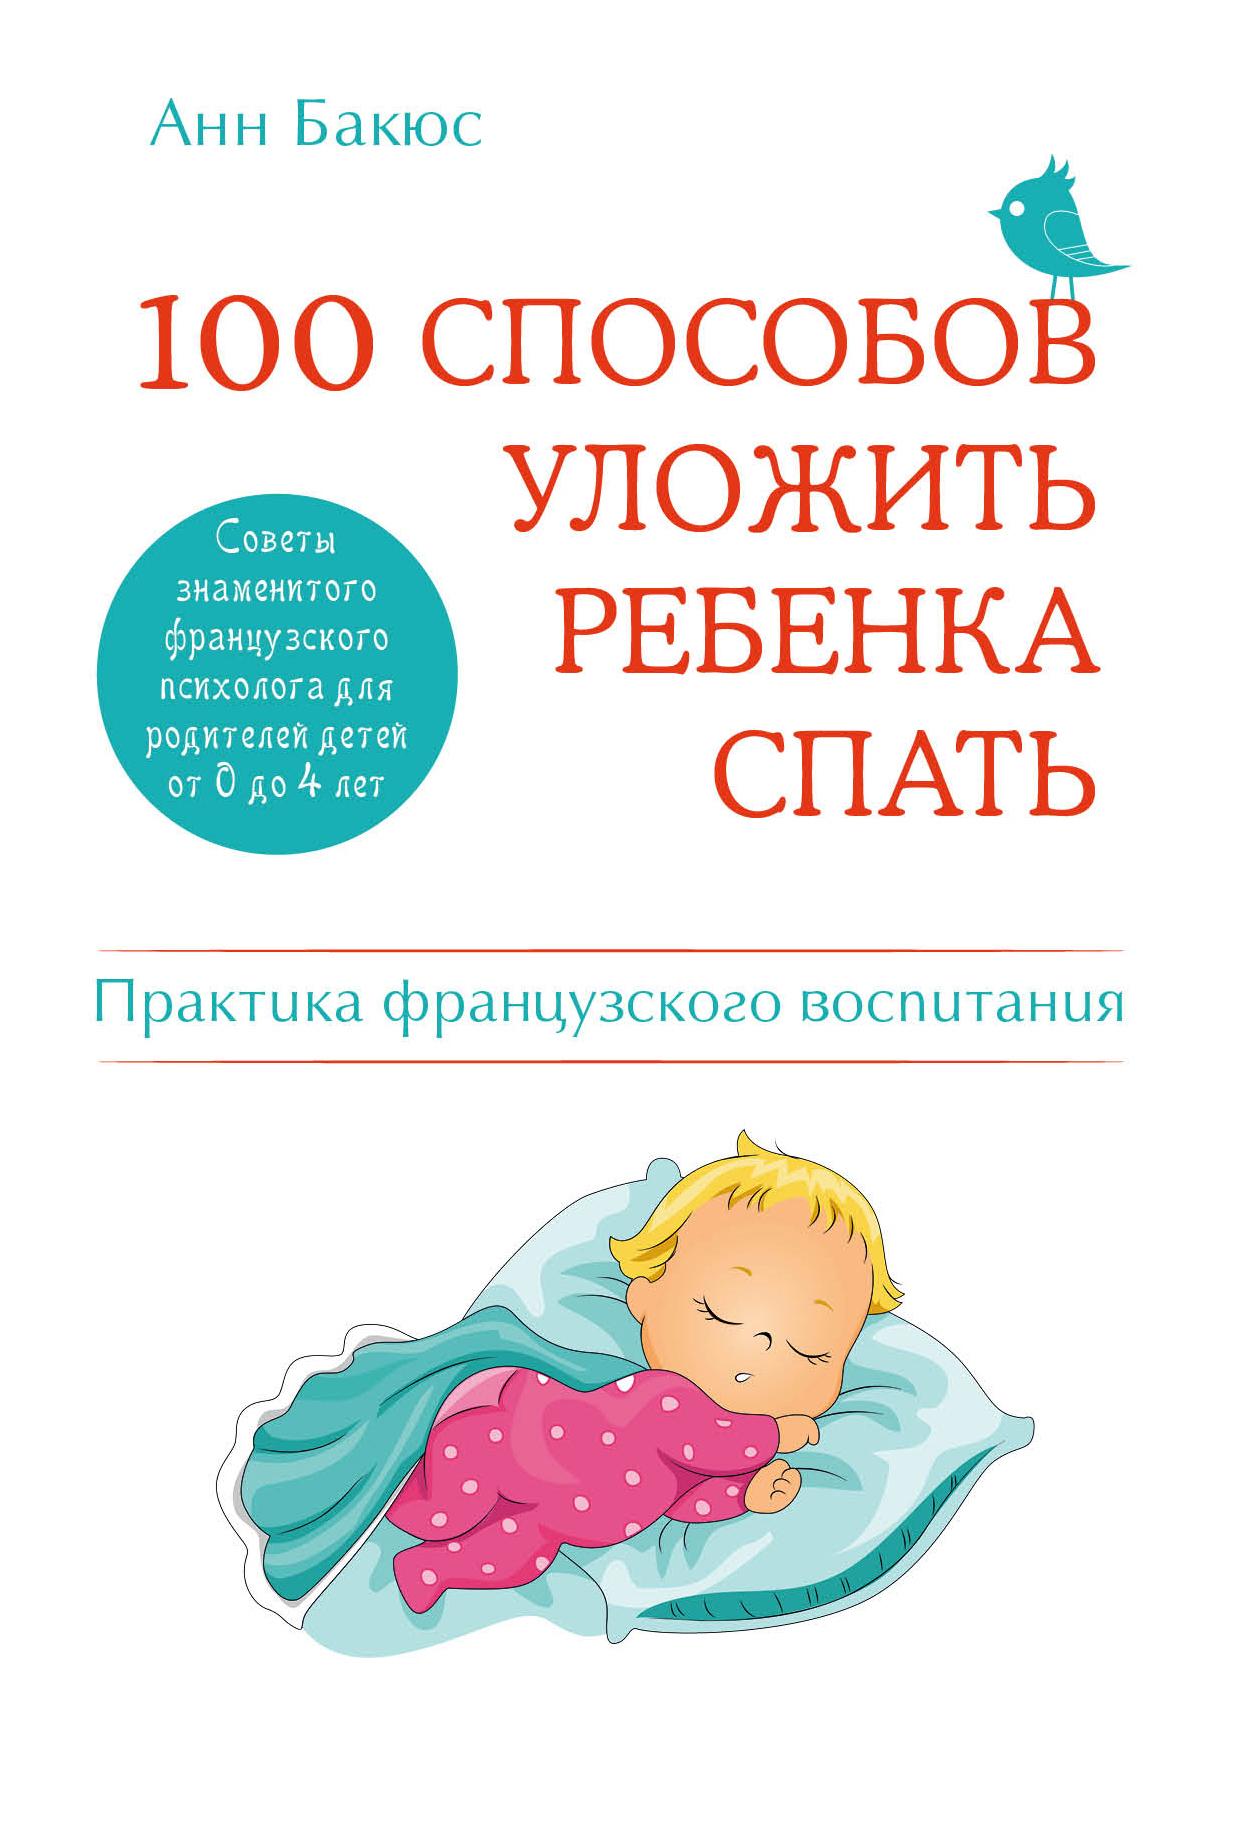 Анн Бакюс 100 способов уложить ребенка спать. Эффективные советы французского психолога